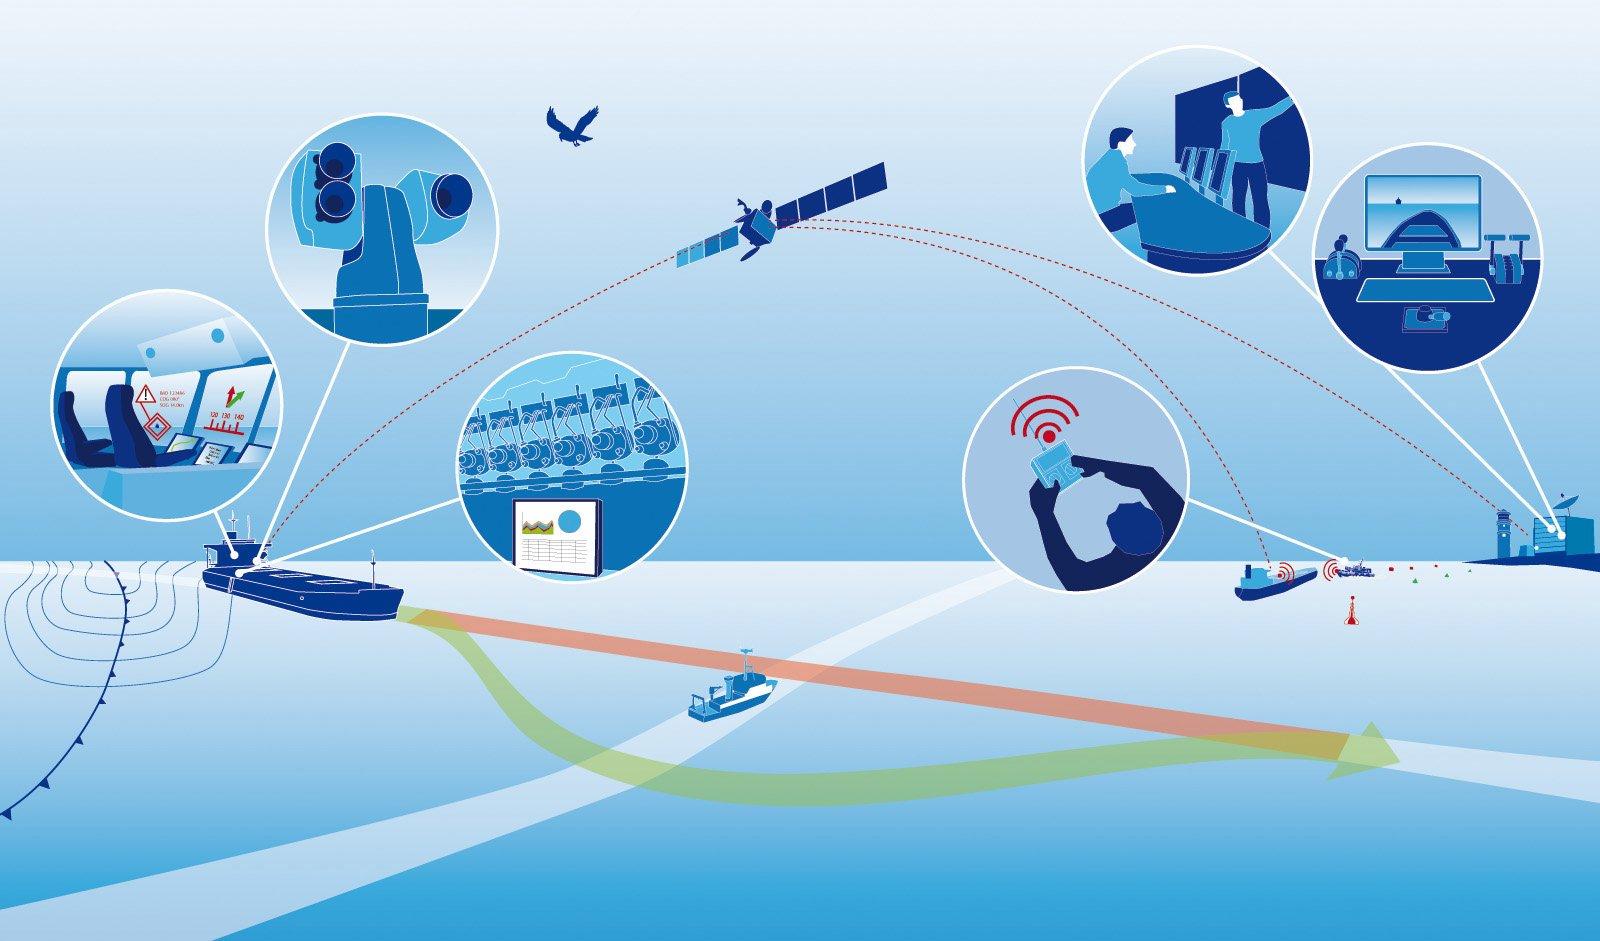 Autonome Schifffahrt: Eine Crew wird nur noch im Hafen gebraucht. Ansonsten sollen Schiffe per Autopilot gesteuert werden.